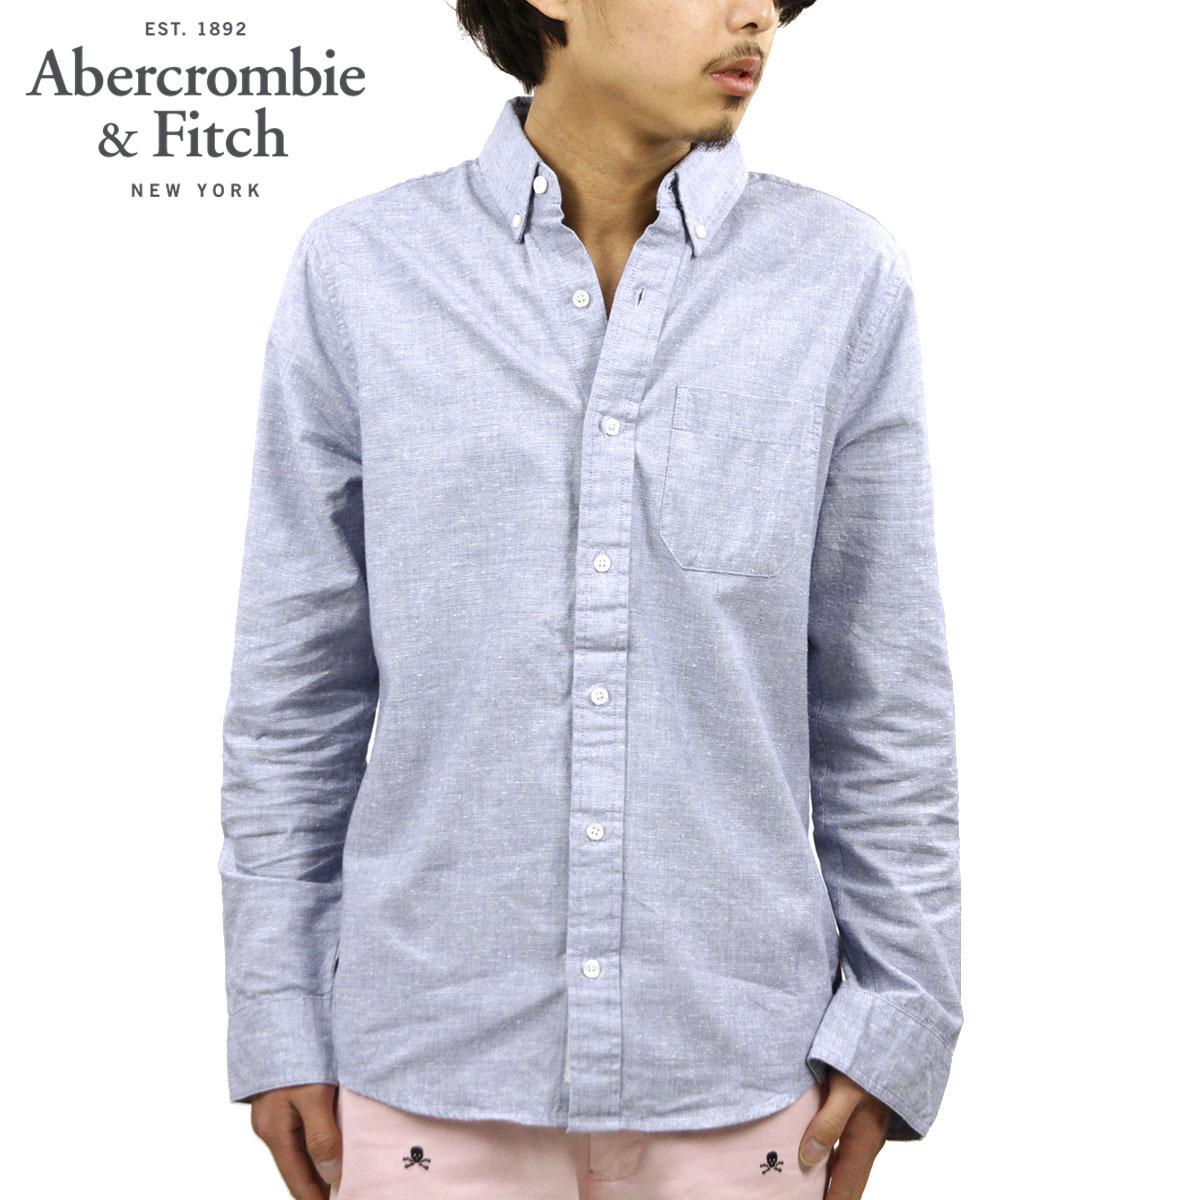 アバクロ シャツ メンズ 正規品 Abercrombie&Fitch 長袖シャツ TEXTURED SHIRT 125-168-2155-222